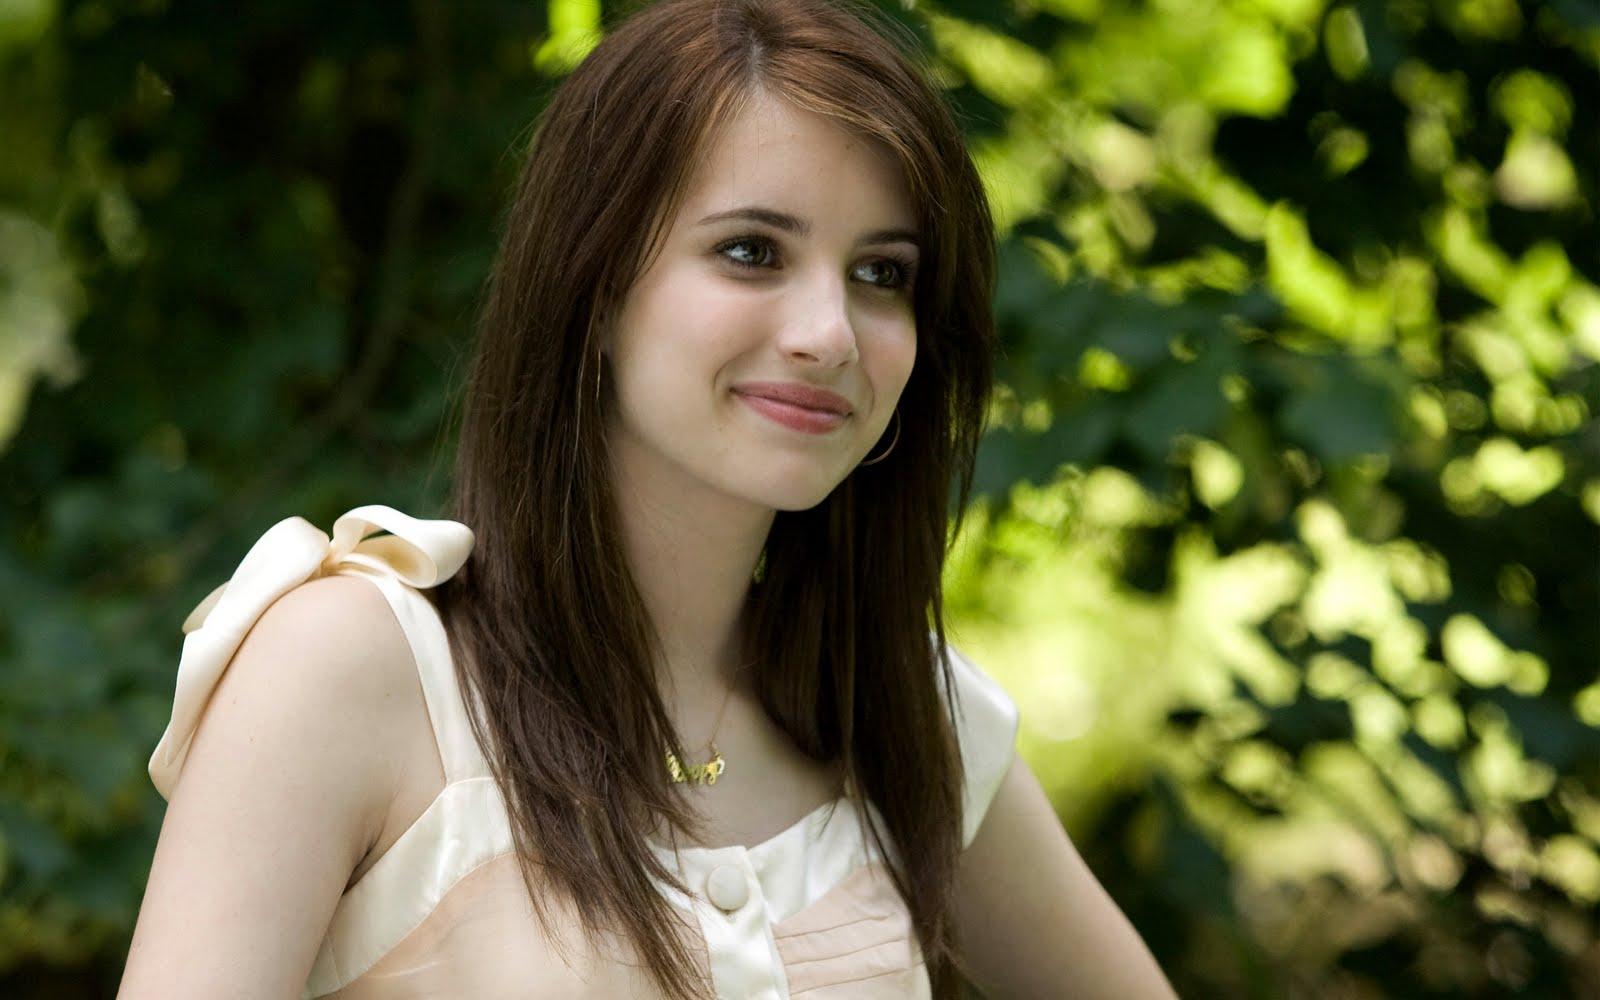 Hình ảnh đẹp cô gái đáng yêu